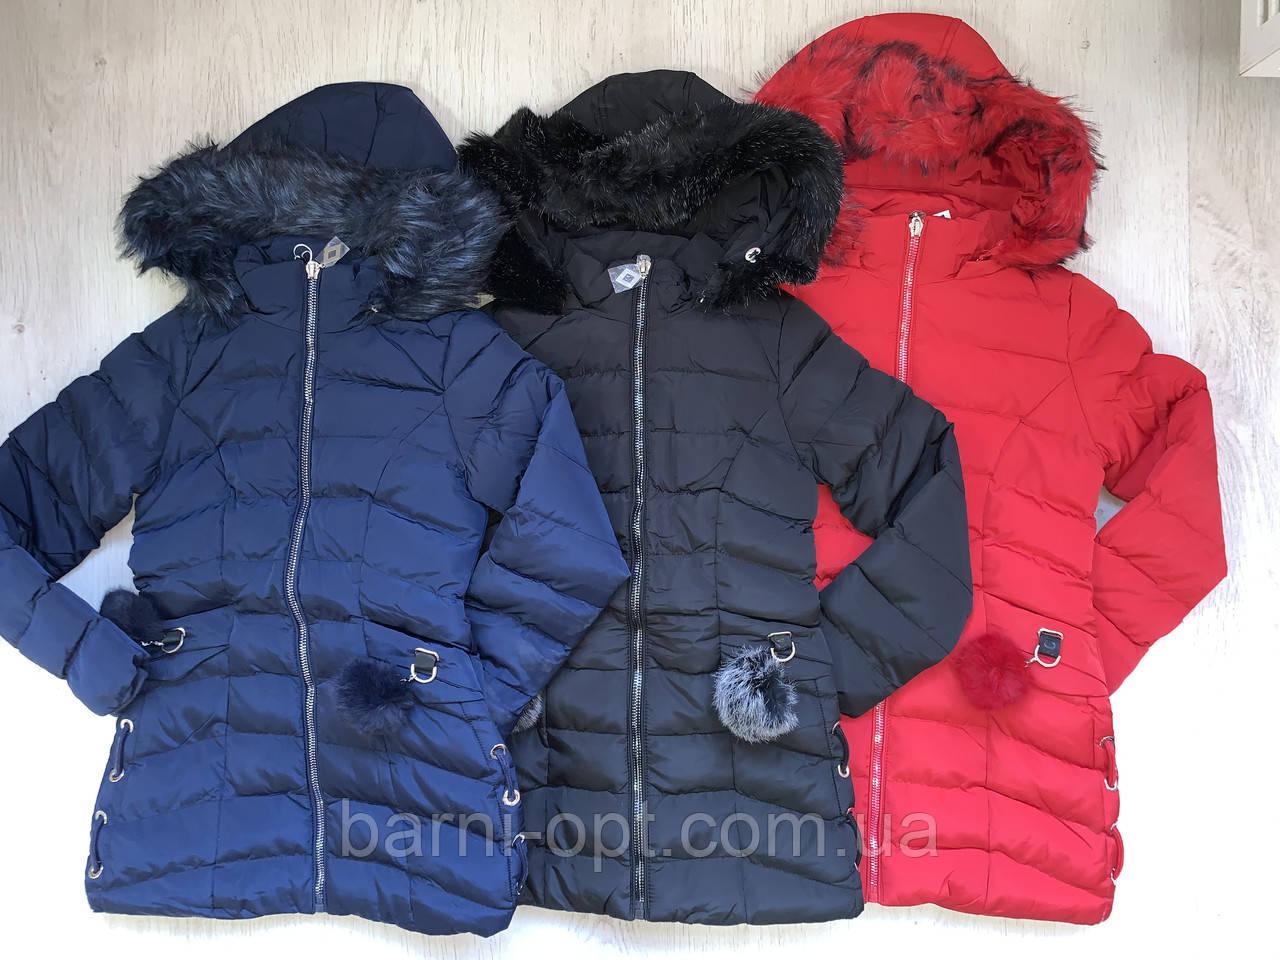 Куртки зимові на дівчаток оптом, Nature, 10-16 рр